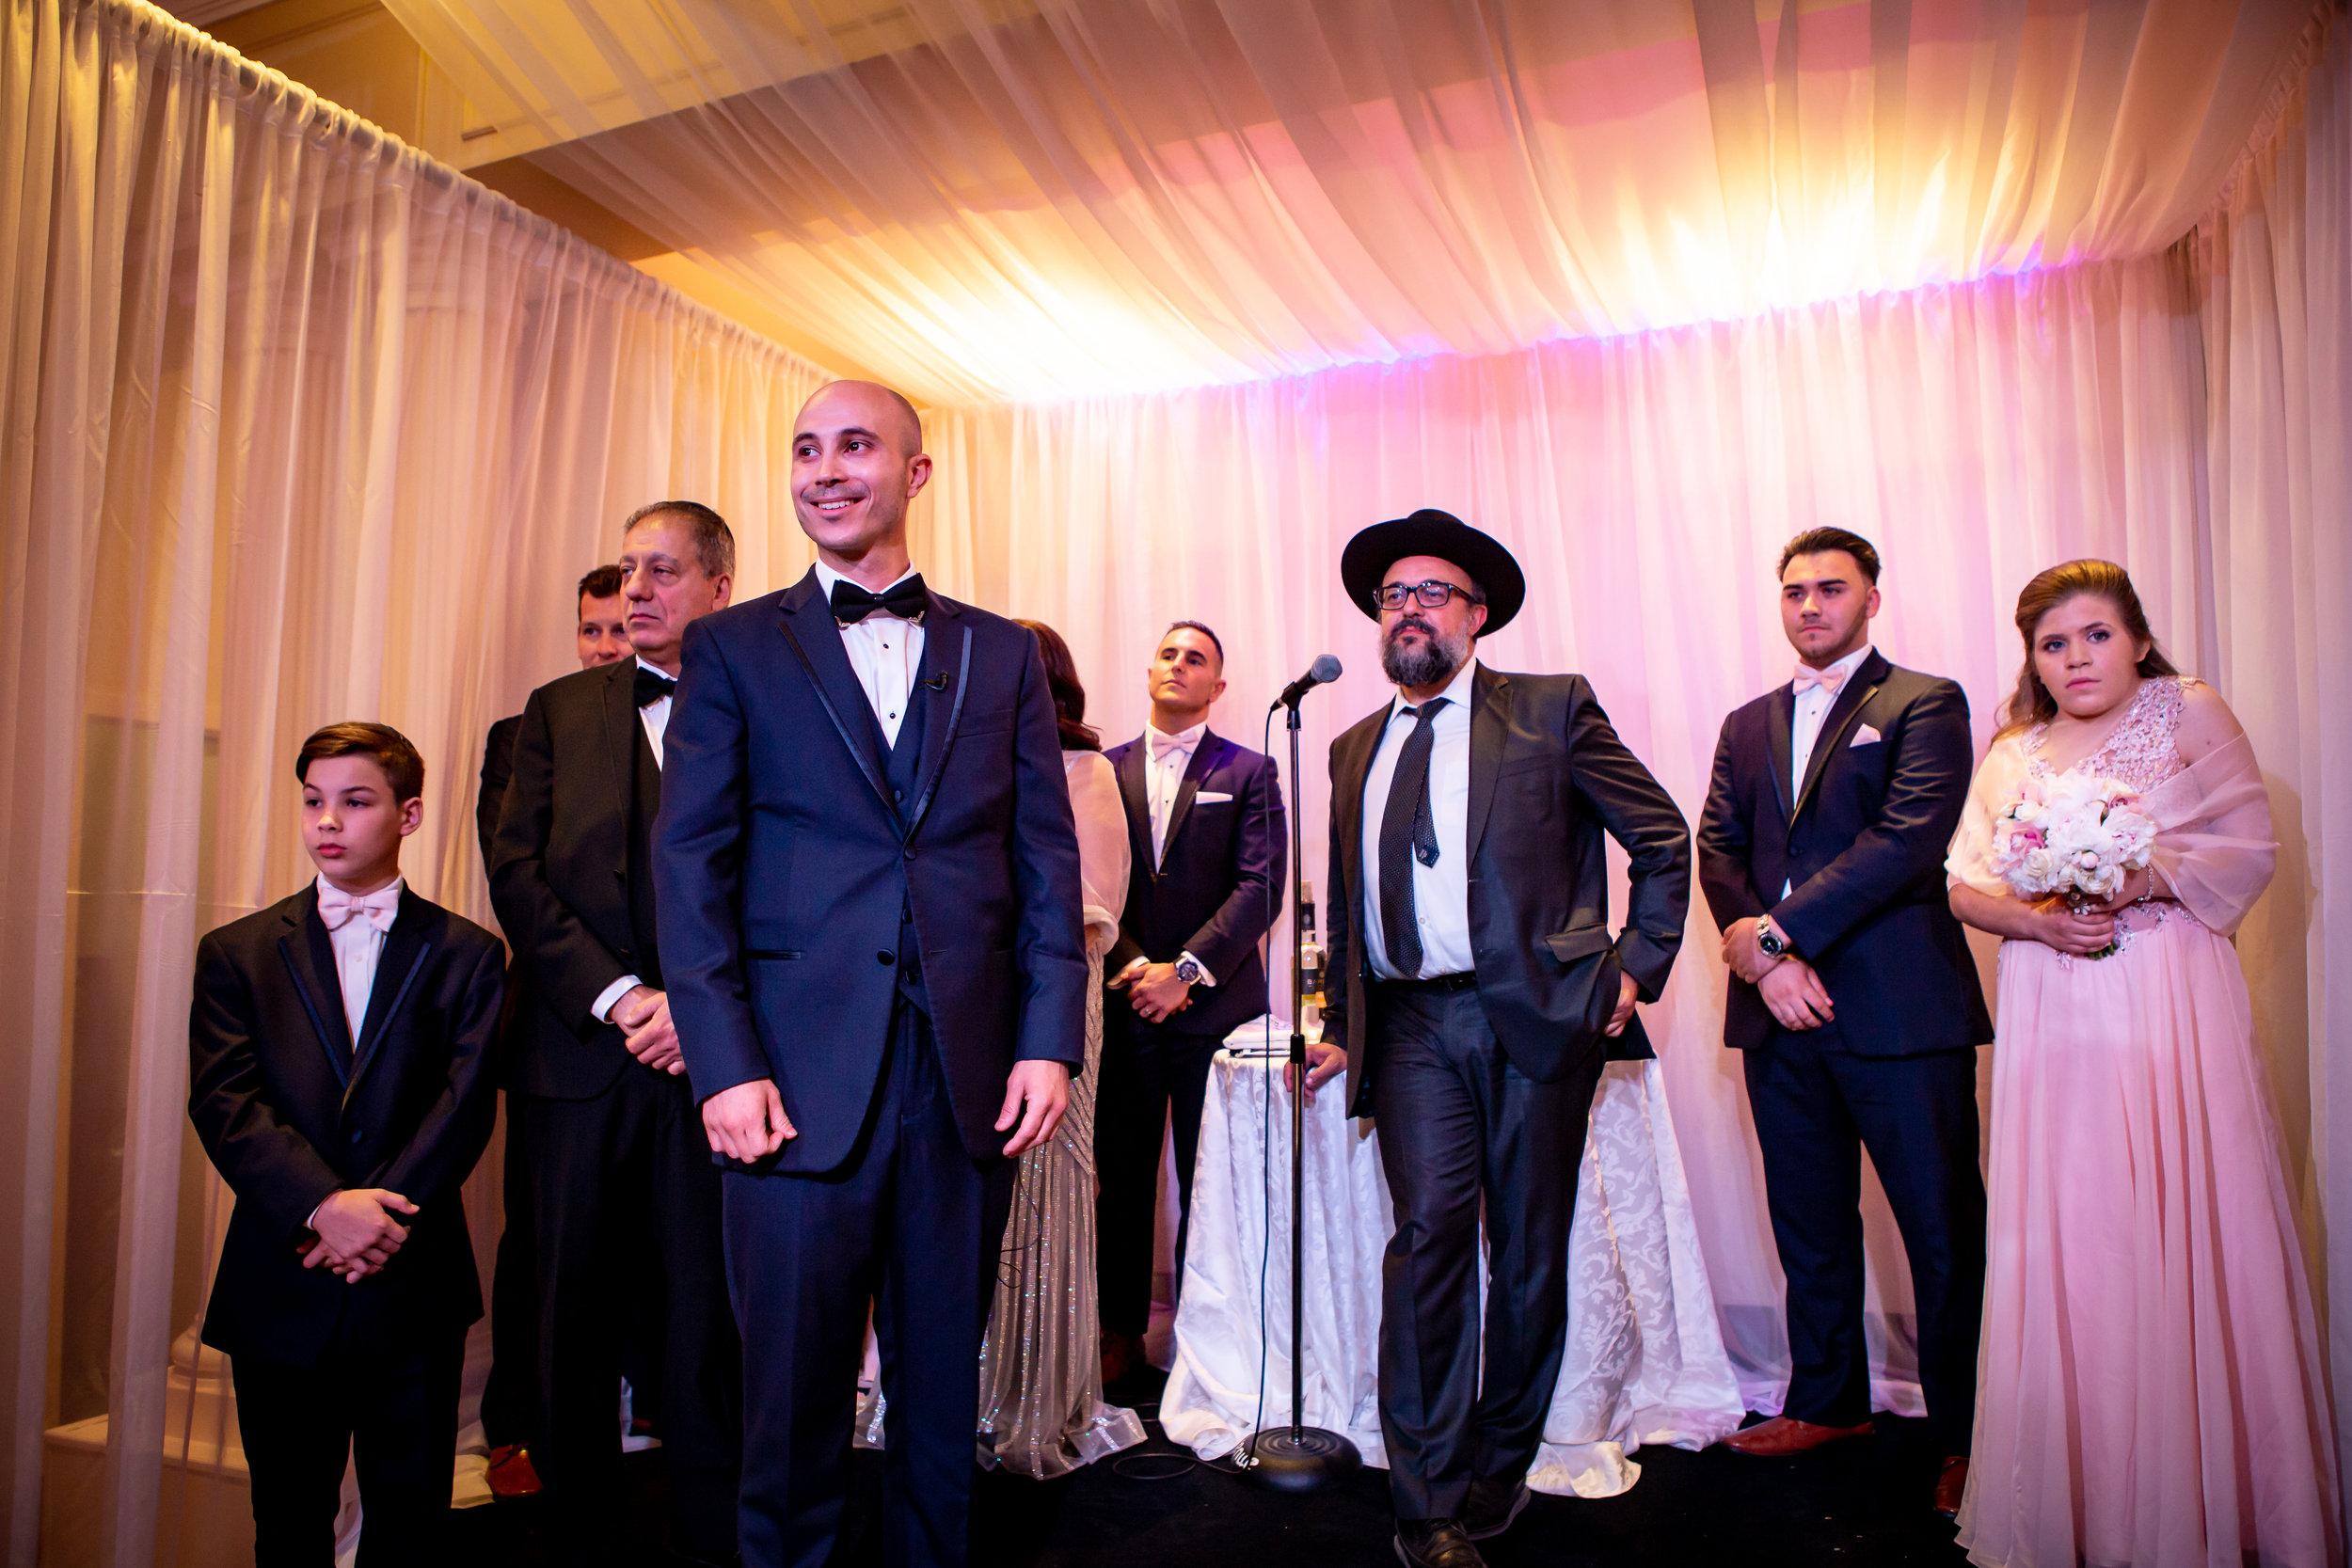 jewish-wedding-35.jpg